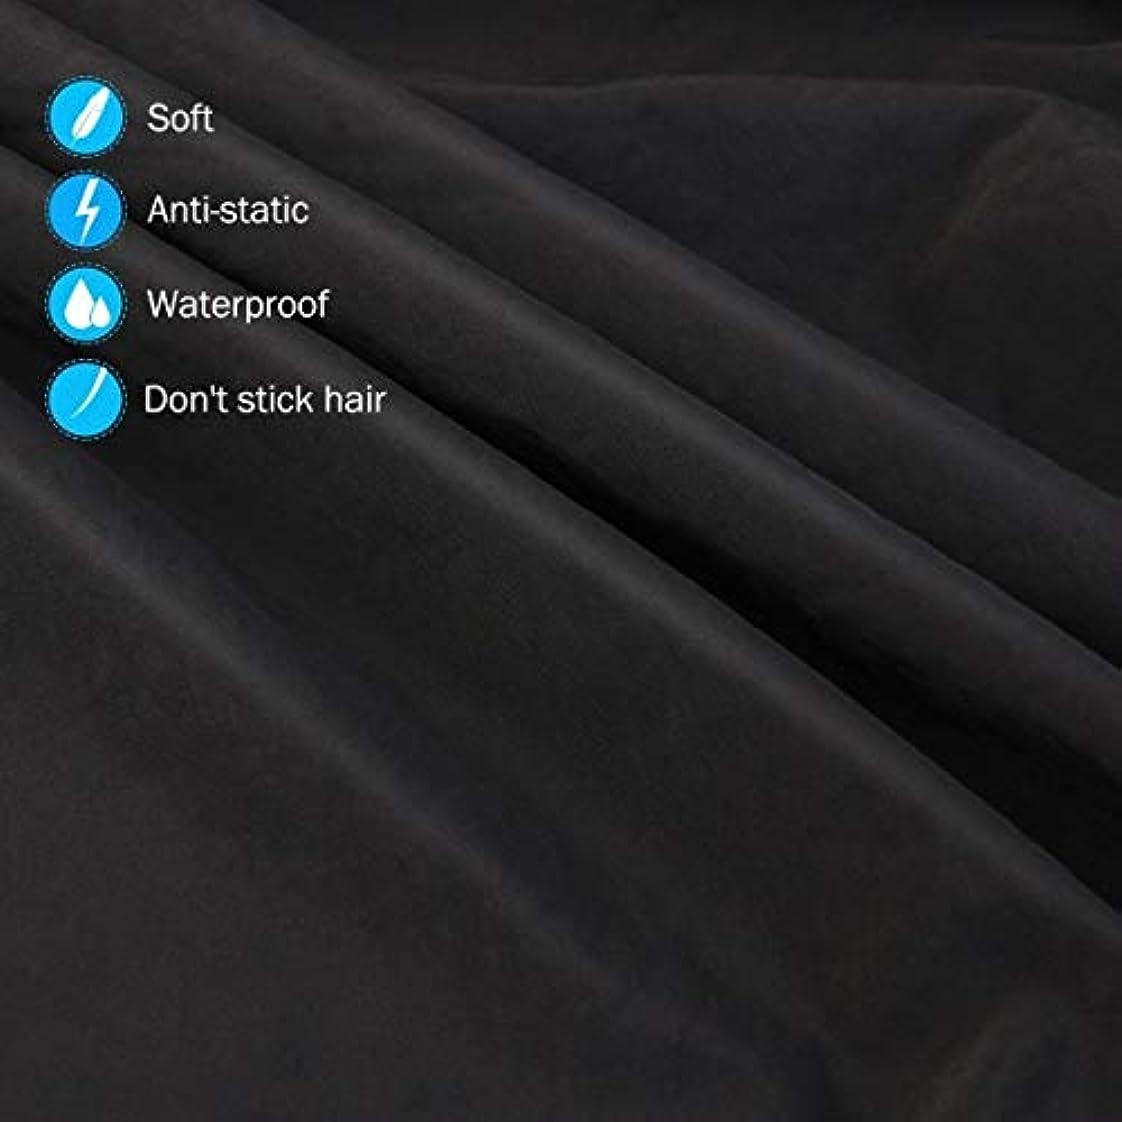 カップ厚さ登録するHIZLJJ 大広間の家の理髪師の観覧の窓が付いている理髪ケープのガウン毛の切断のための目に見える観覧の窓が付いている防水大広間のガウンのエプロン